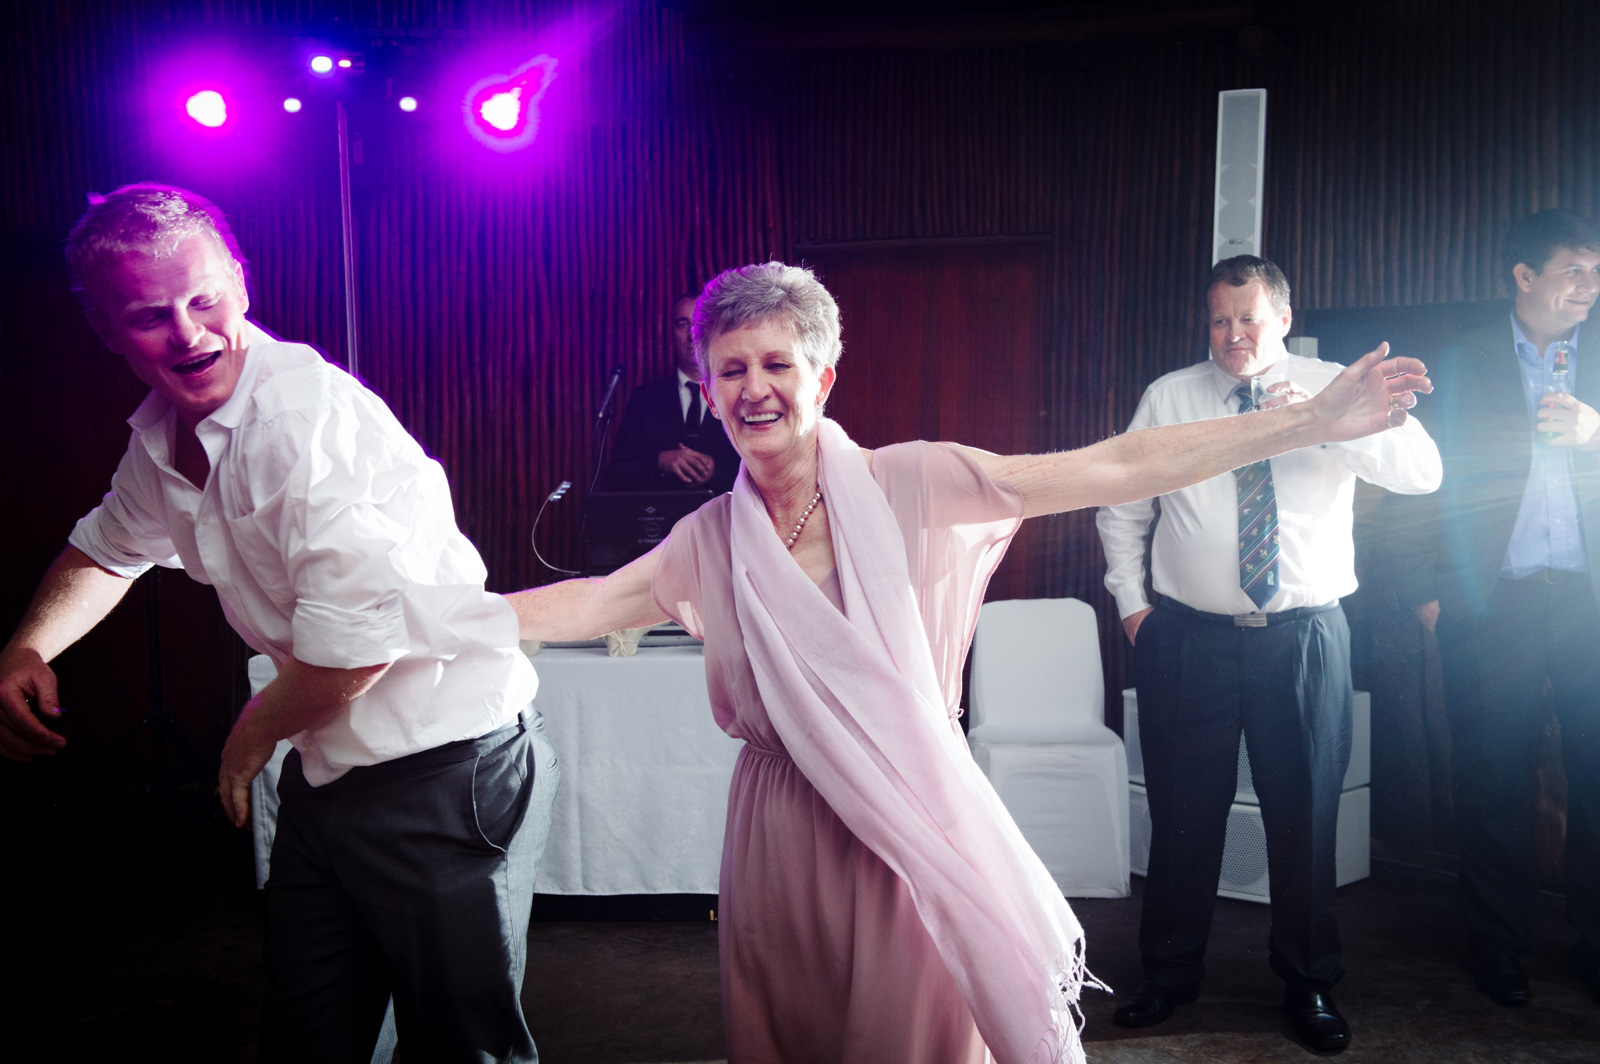 guests dancing at wedding